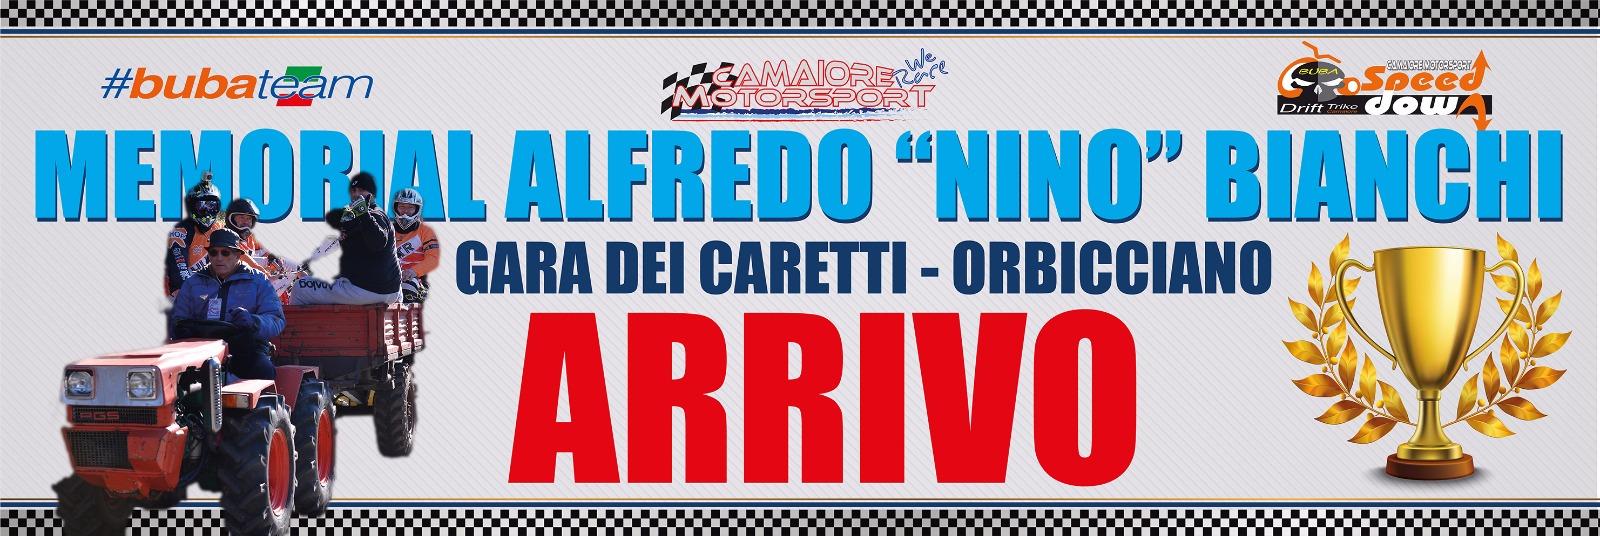 Grande commozione per il 1° Memorial Alfredo Nino Bianchi  Gara dei Caretti Orbicciano